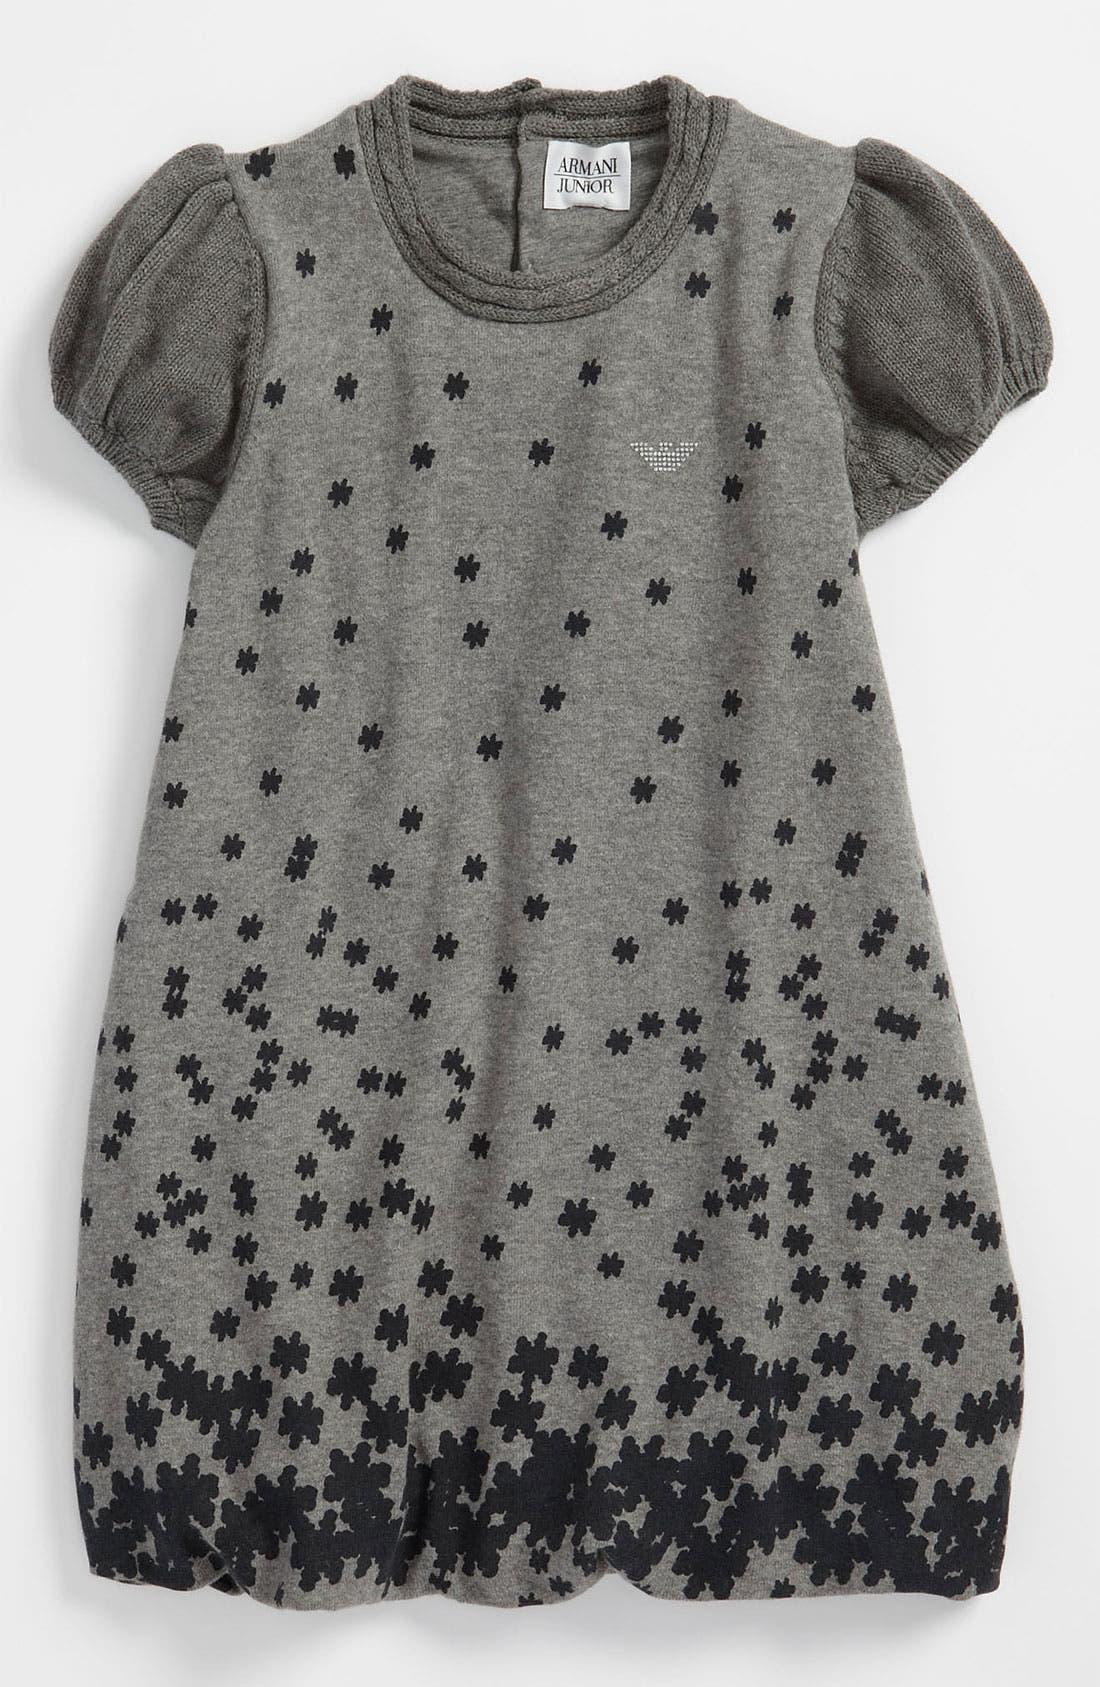 Alternate Image 1 Selected - Armani Junior Floral Dress (Toddler, Little Girls & Big Girls)